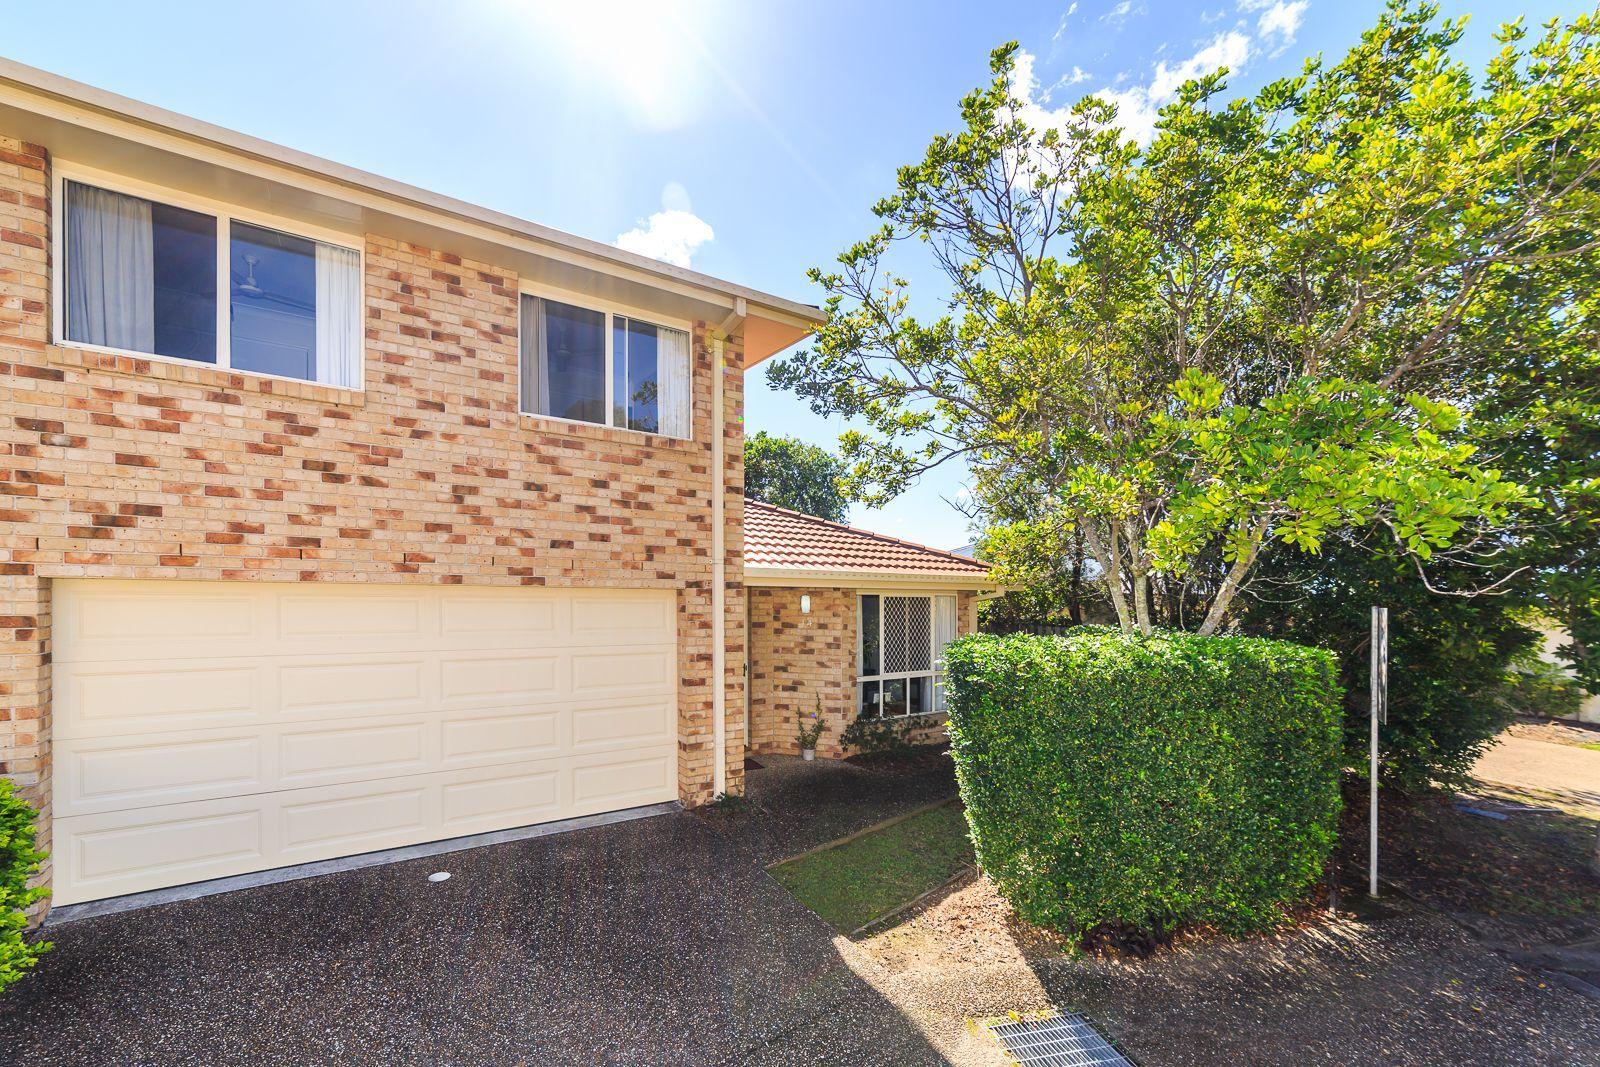 14/2 Penda Court, Merrimac QLD 4226, Image 0